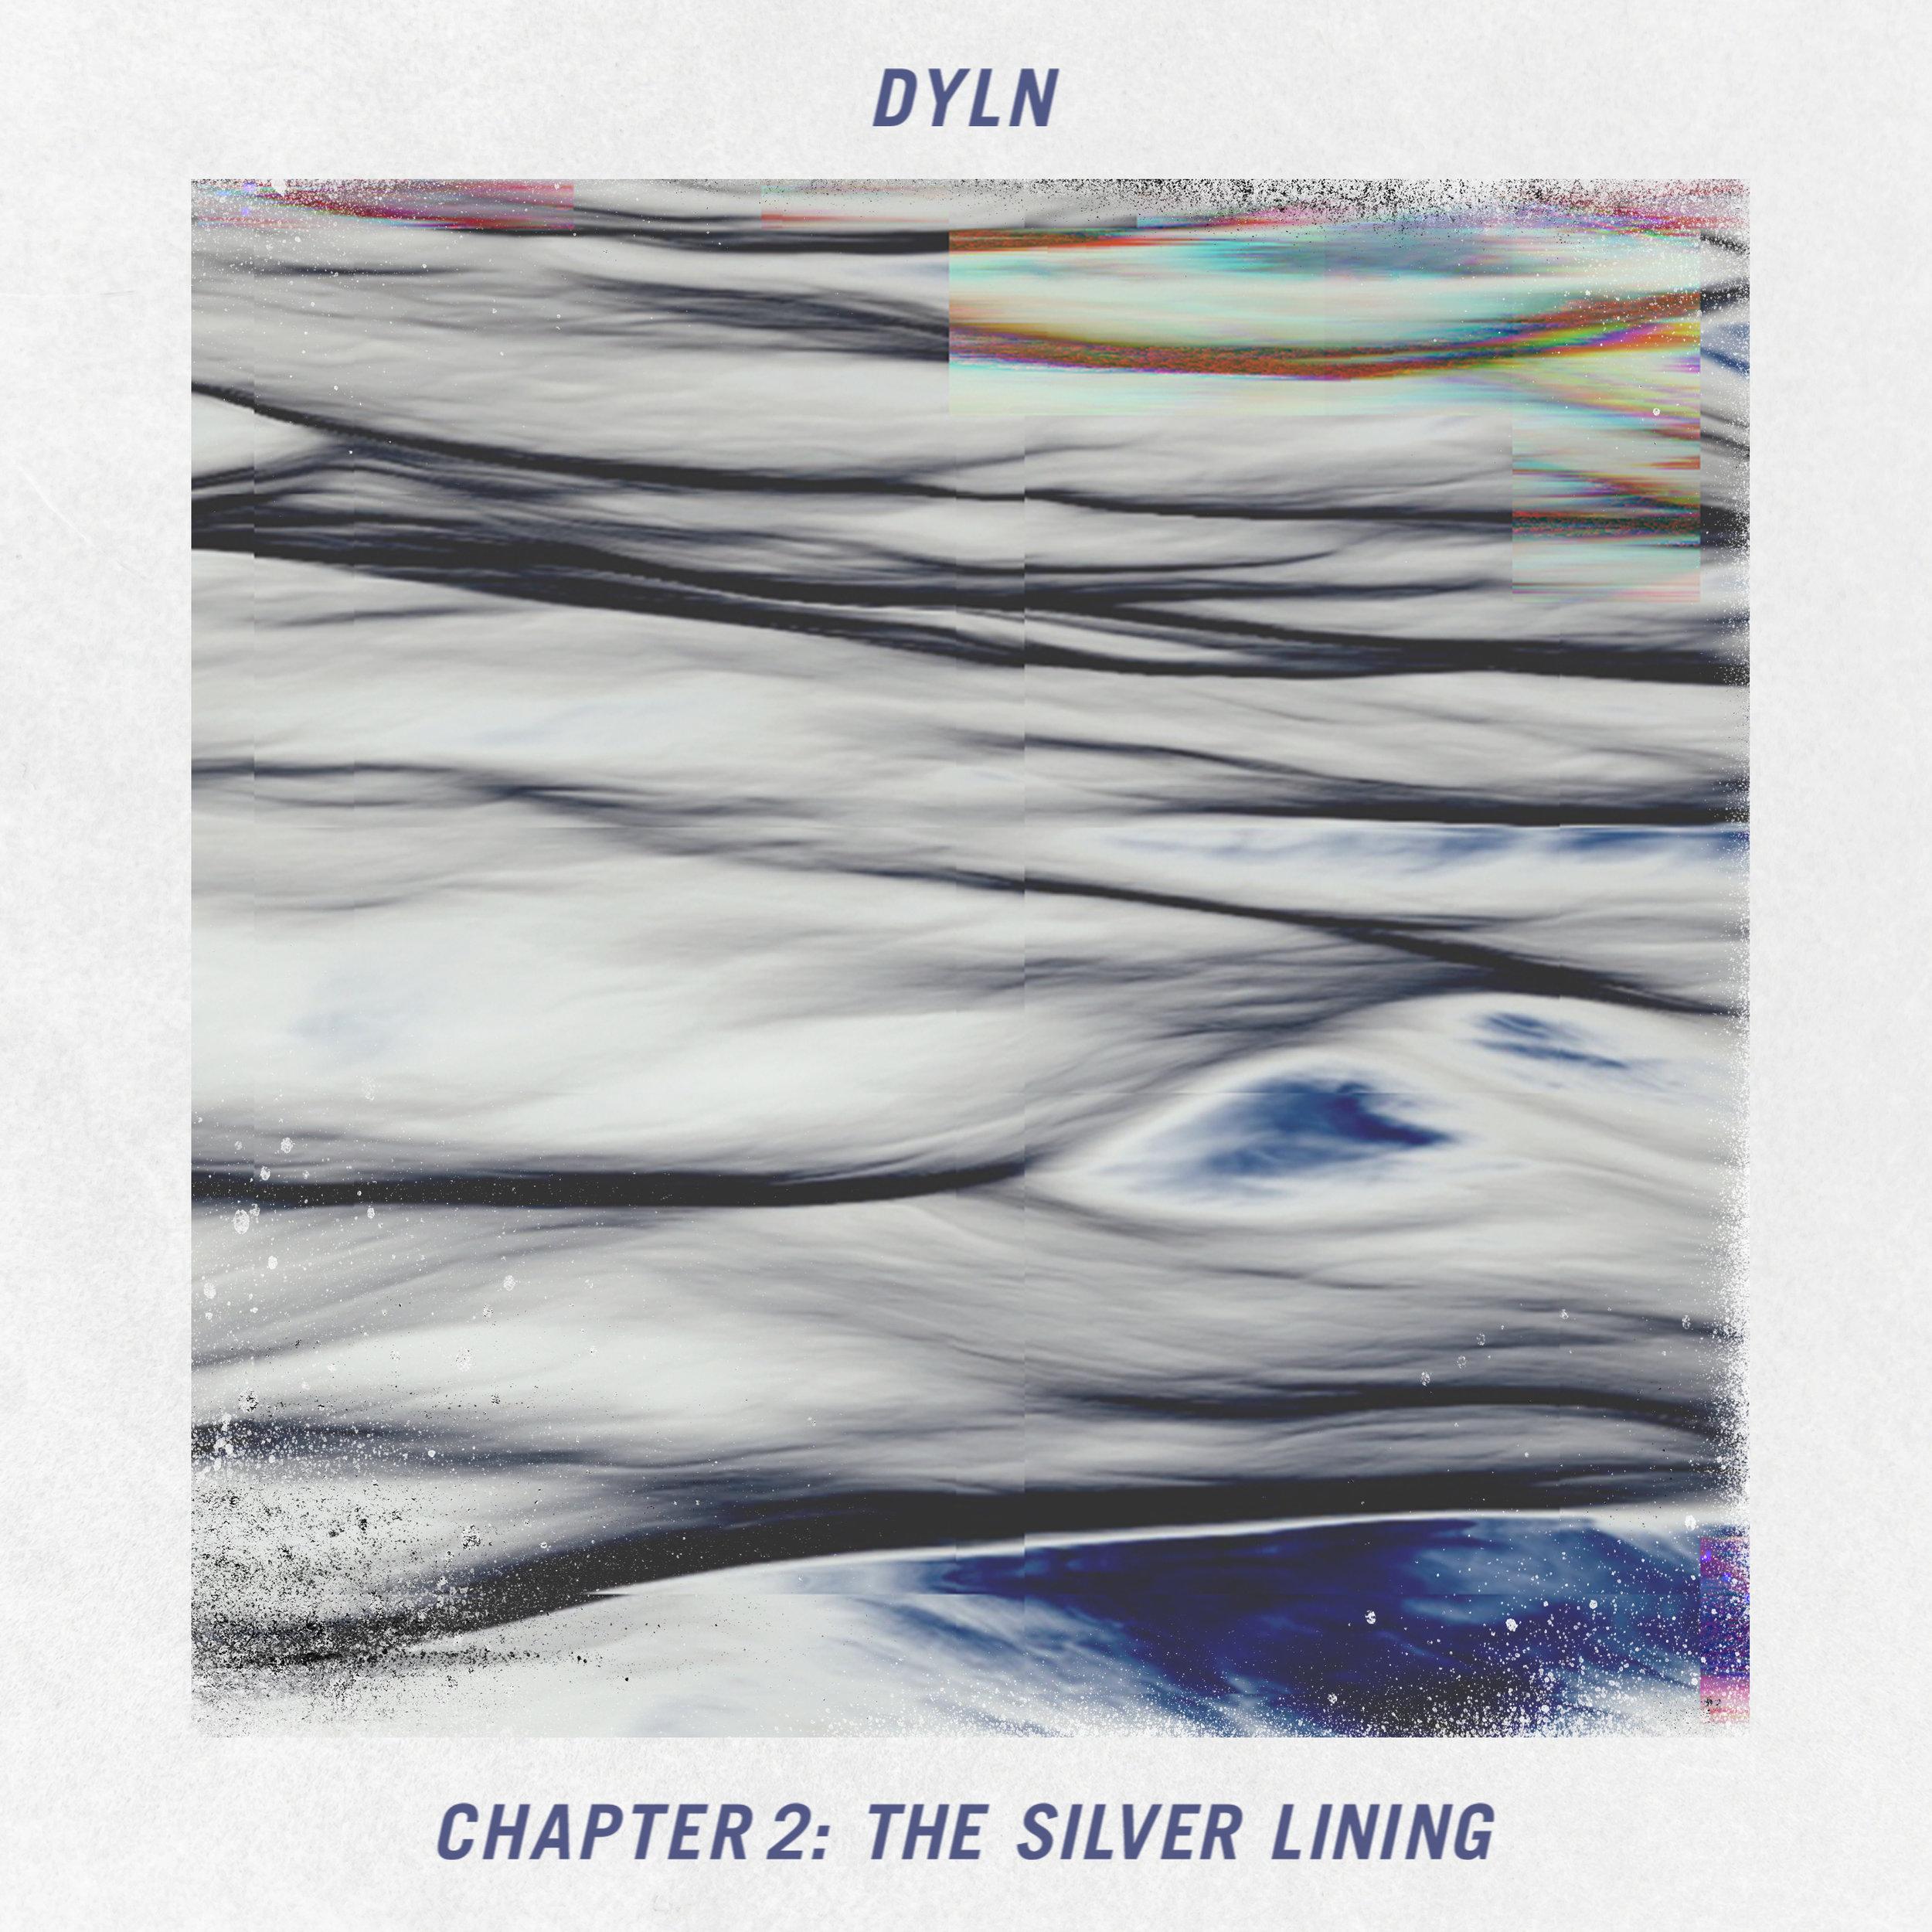 DYLN_CHATPTER2.jpg